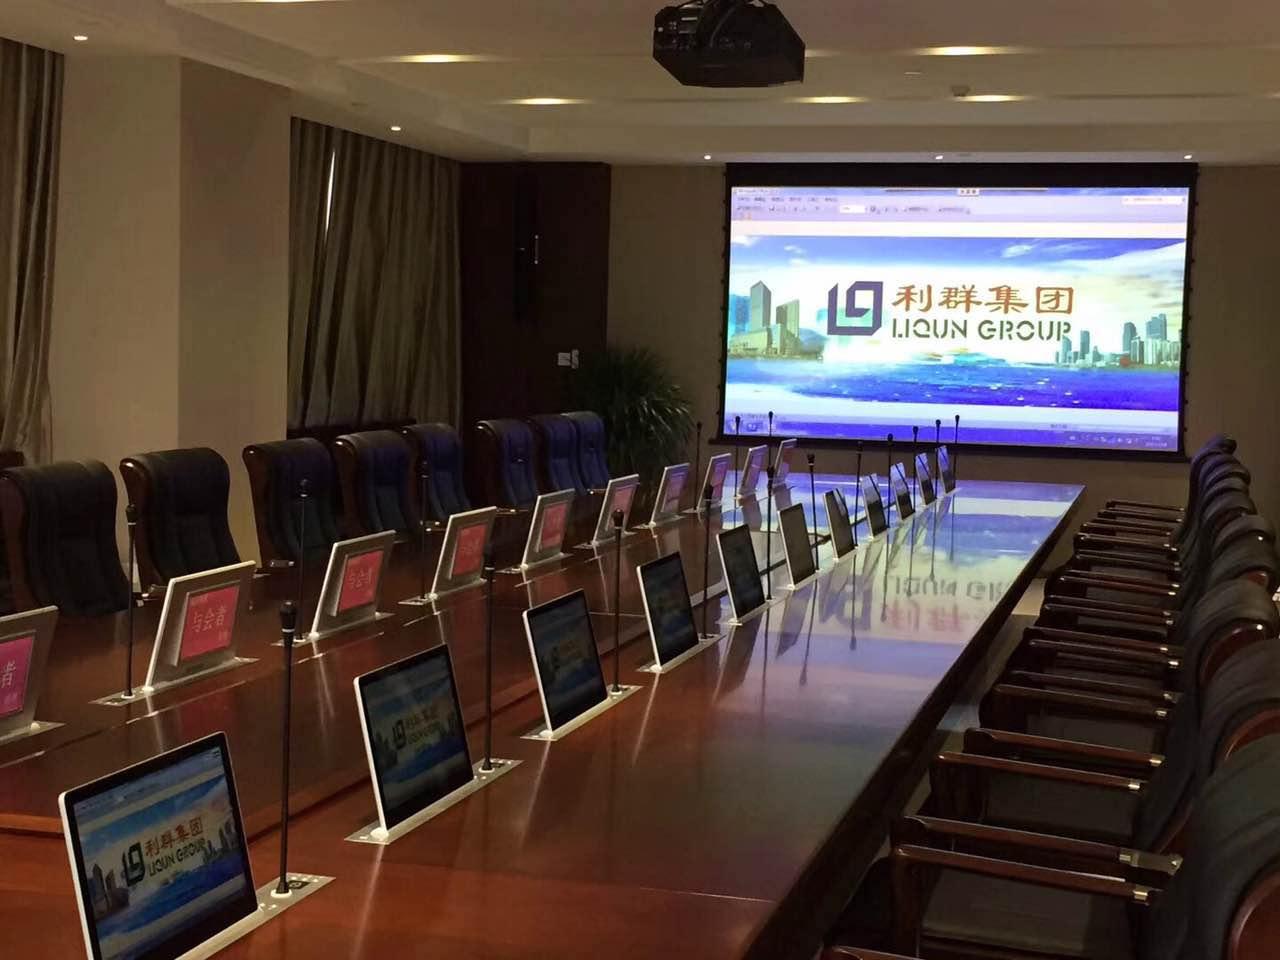 利群集团无纸化高清视频会议系统.jpg